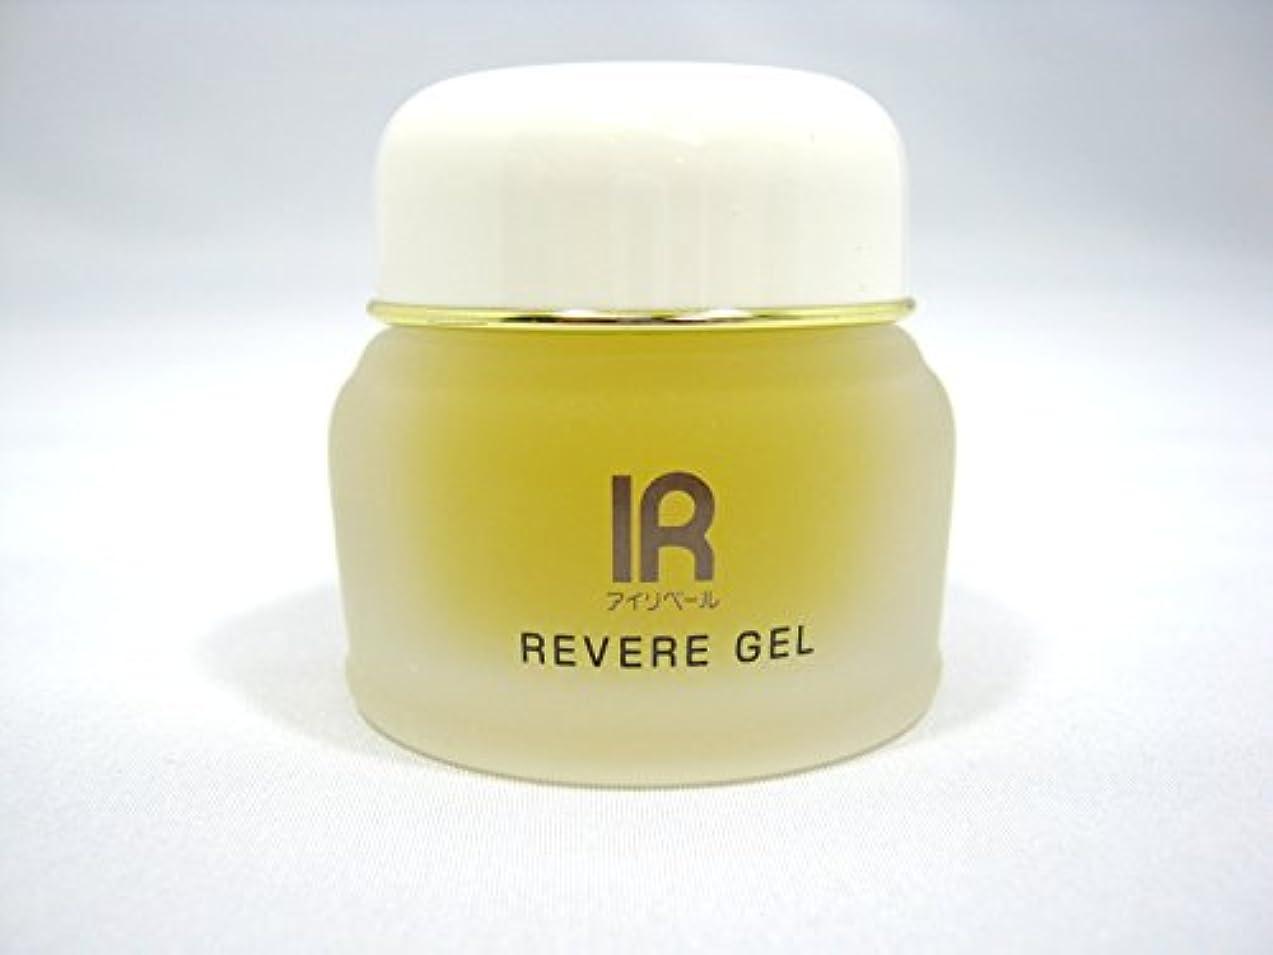 スプーン海洋の撃退するIR アイリベール化粧品 リベールジェル (シワ用クリーム) 30g